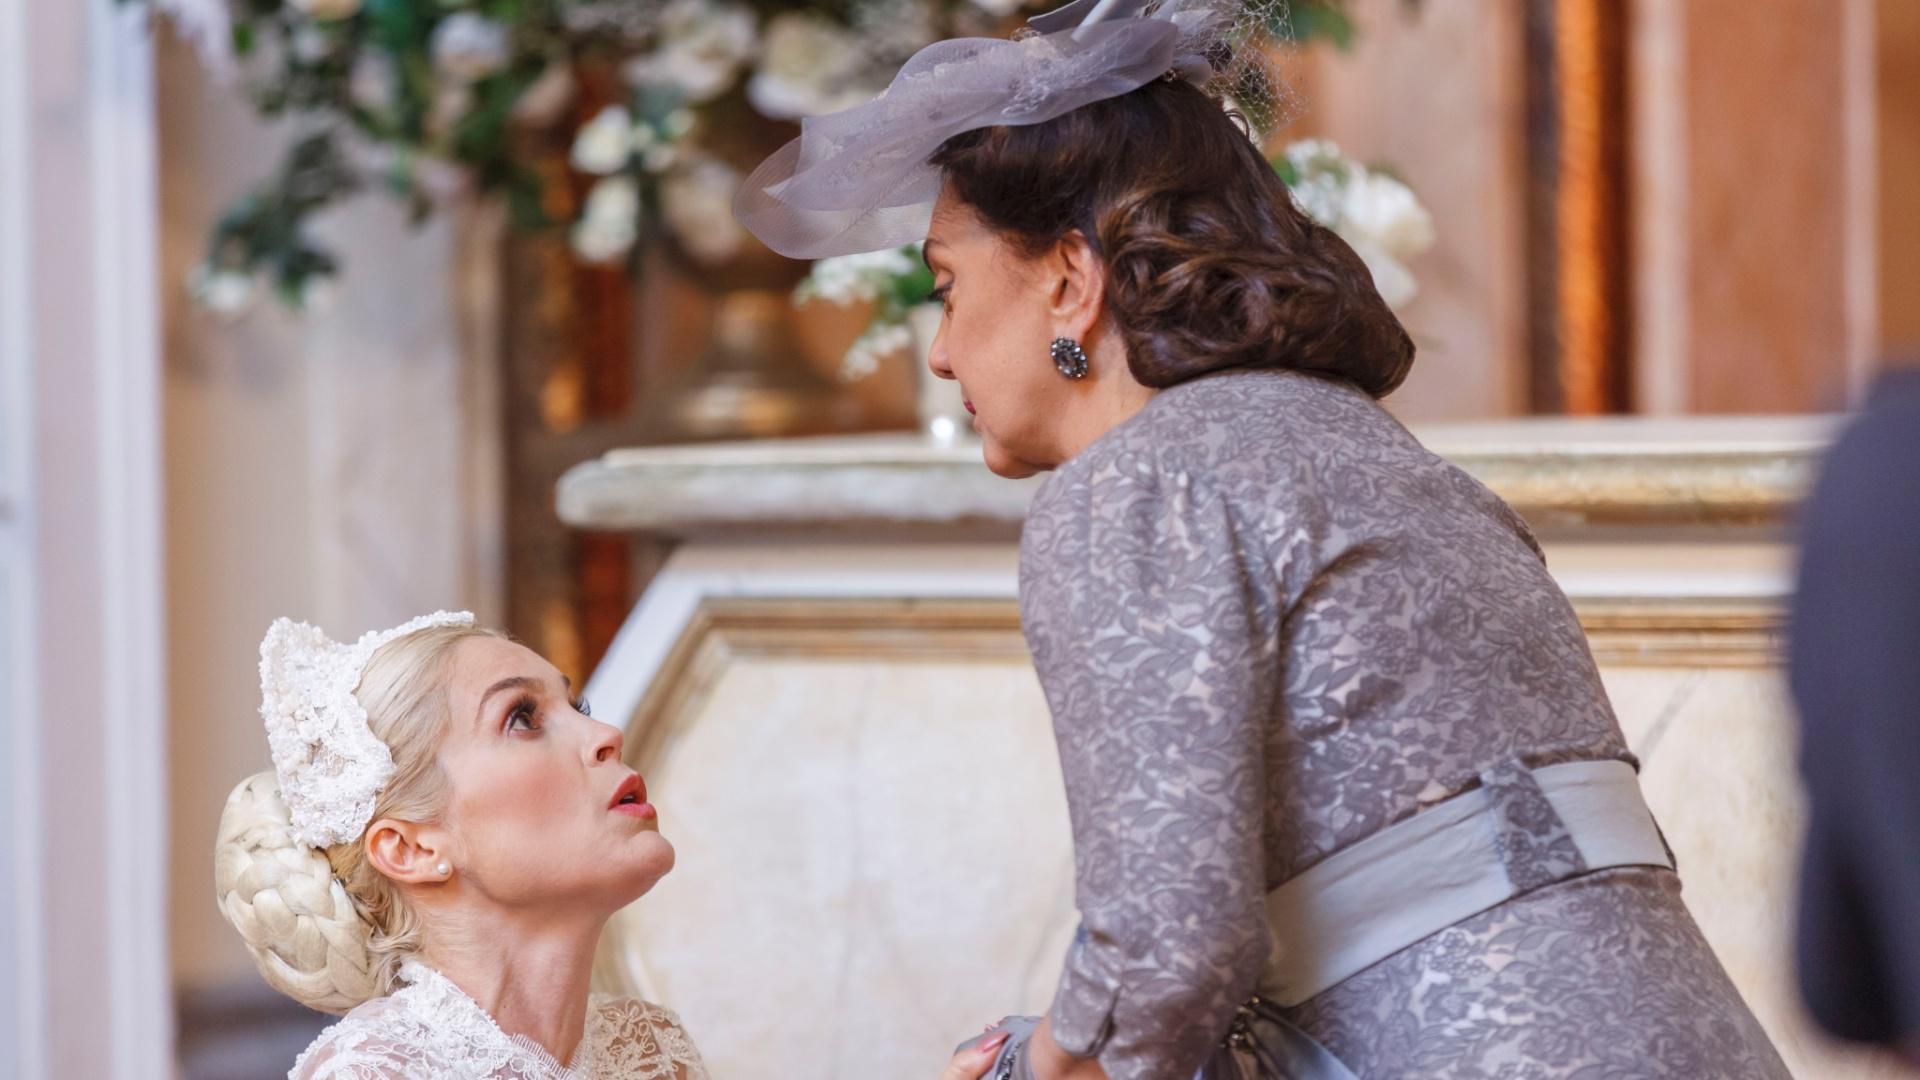 Sandra (Flavia Alessandra) fica furiosa com o filho de Anástacia (Eliane Giardini)